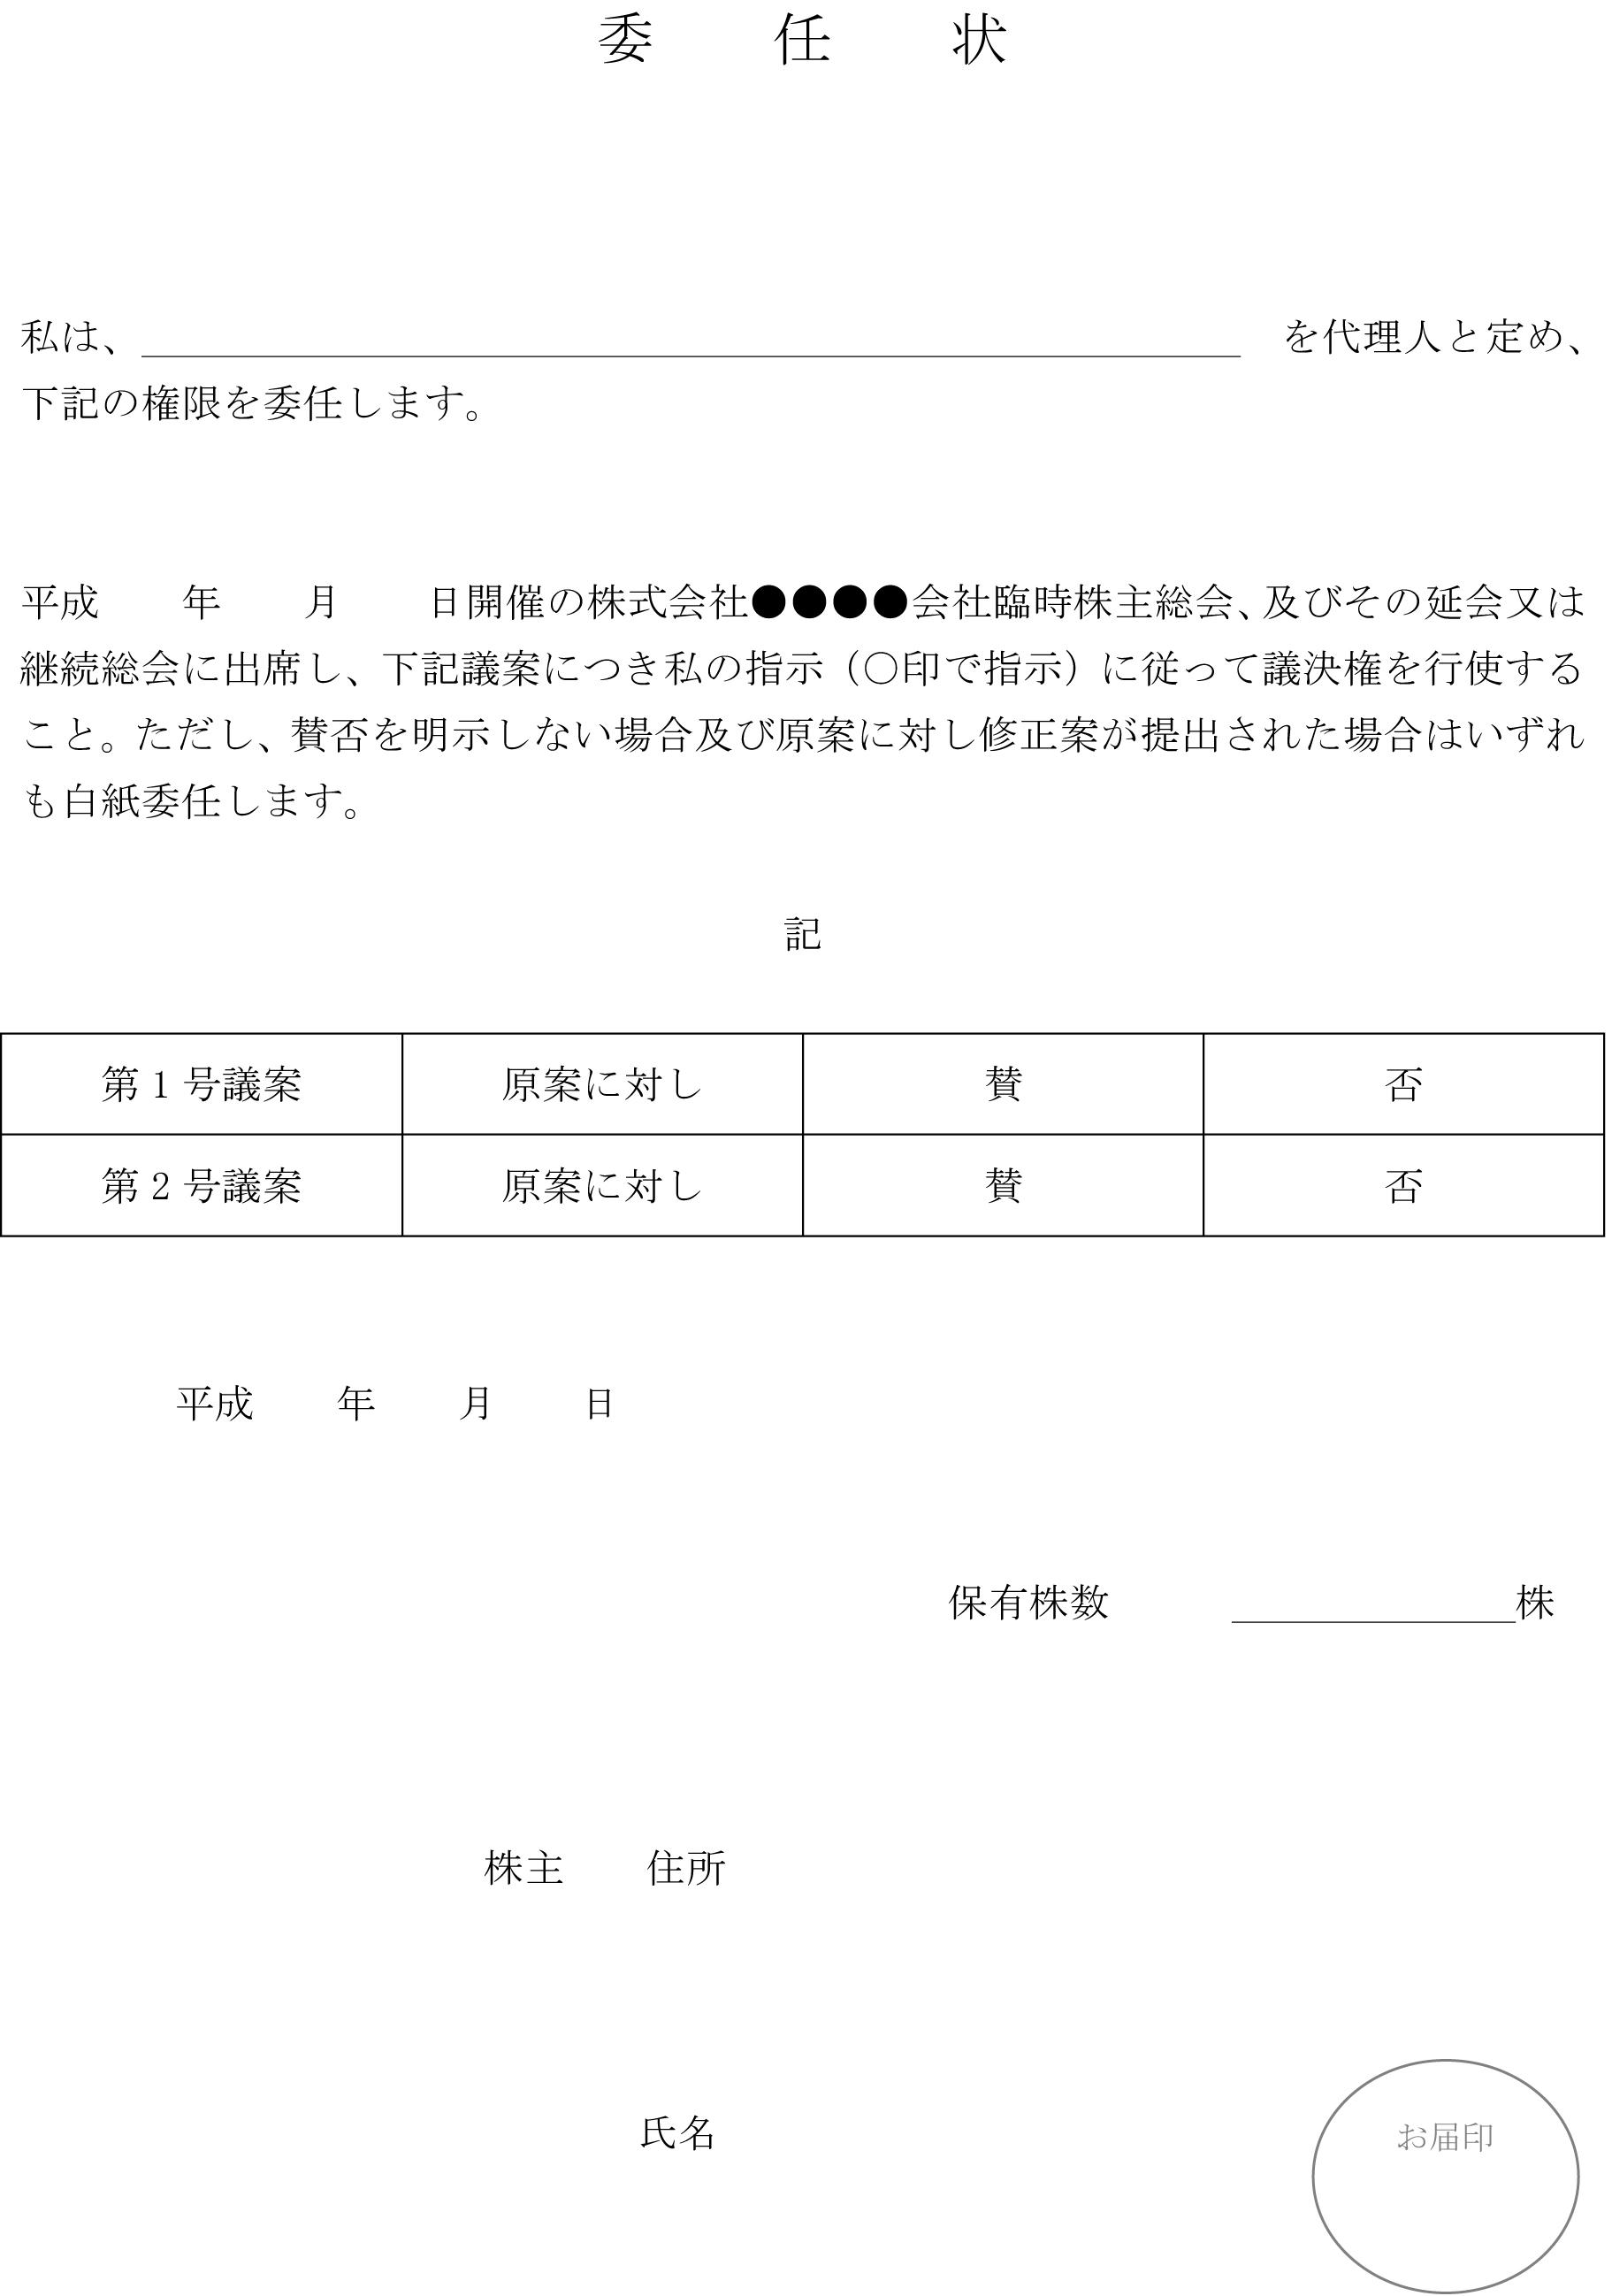 委任状(株主総会)02